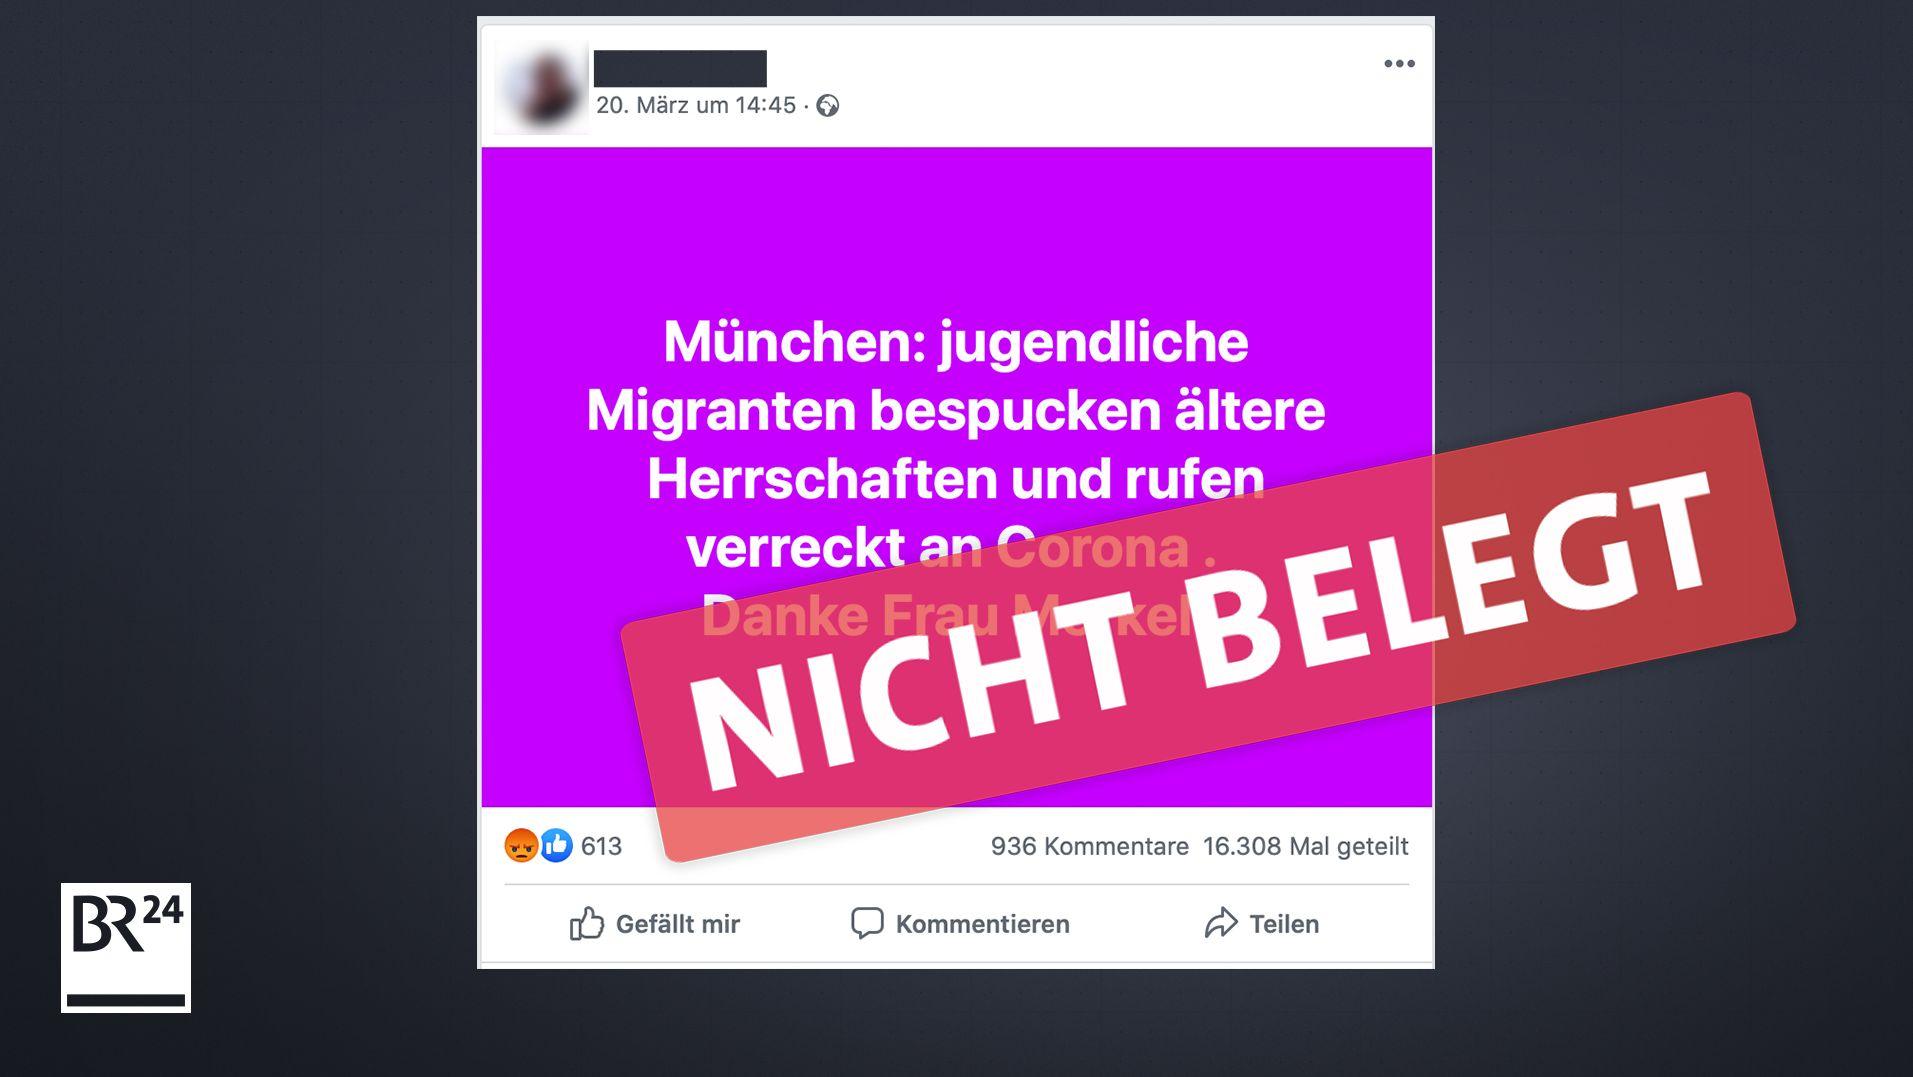 Polizei München: Keine Belege dafür, dass Jugendliche ältere Menschen anspucken